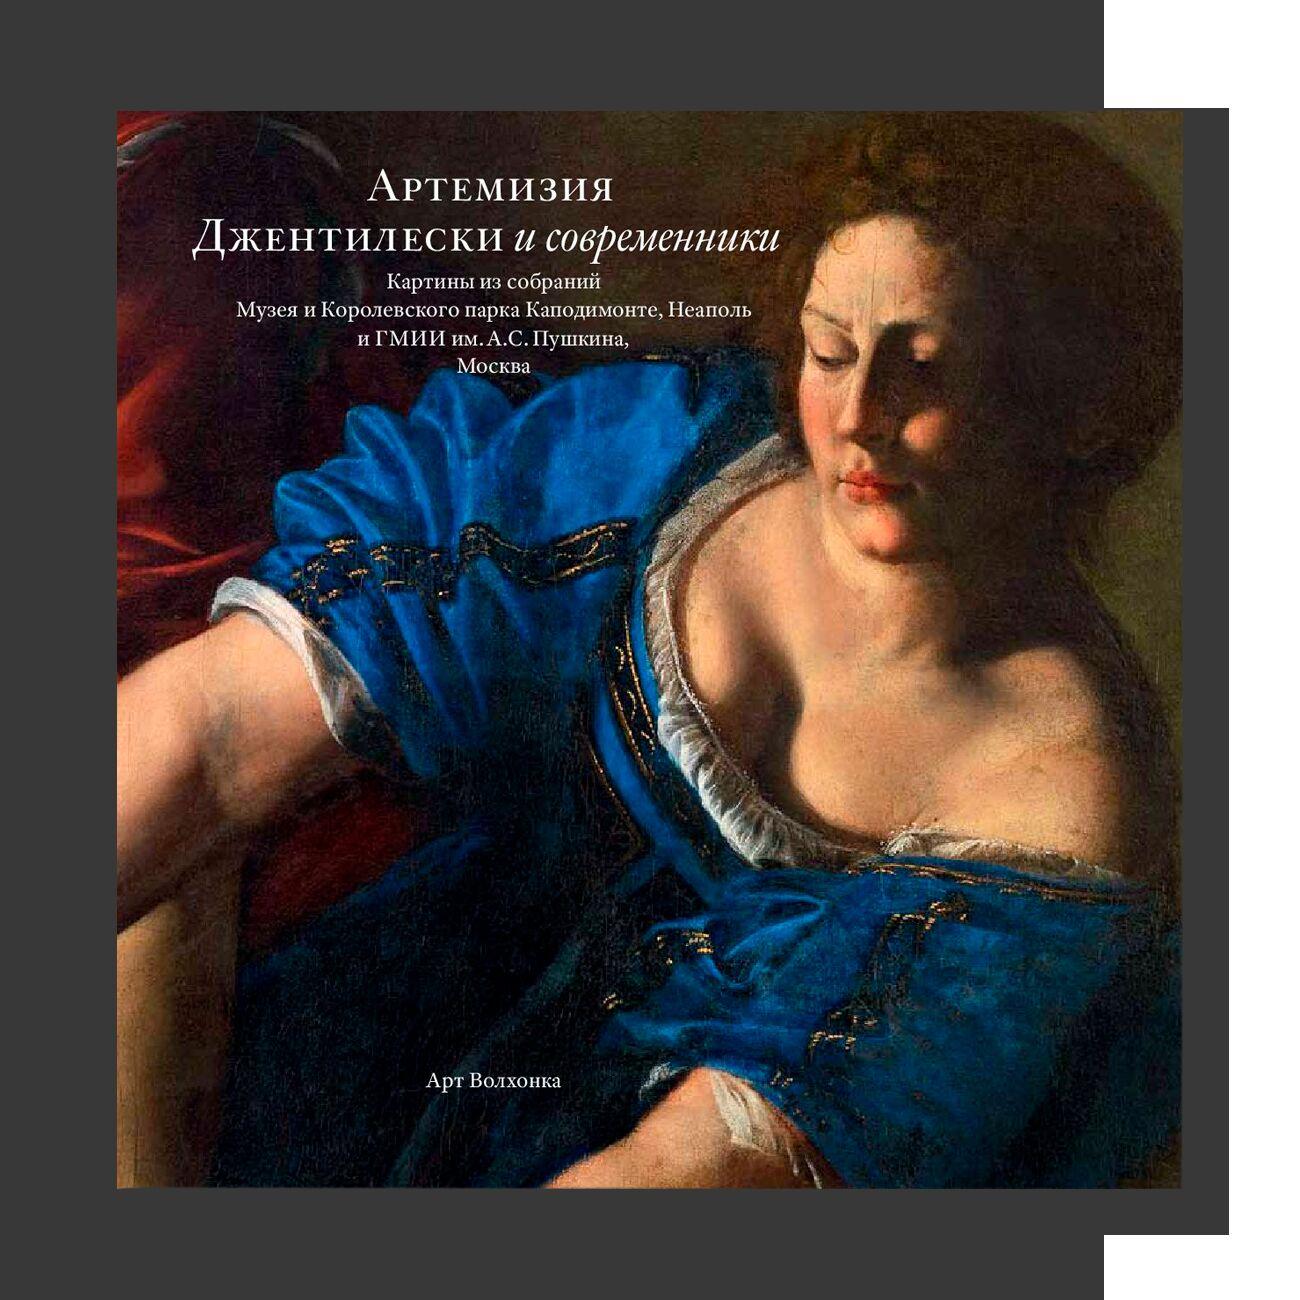 Artemisia Gentileschi with contemporaries